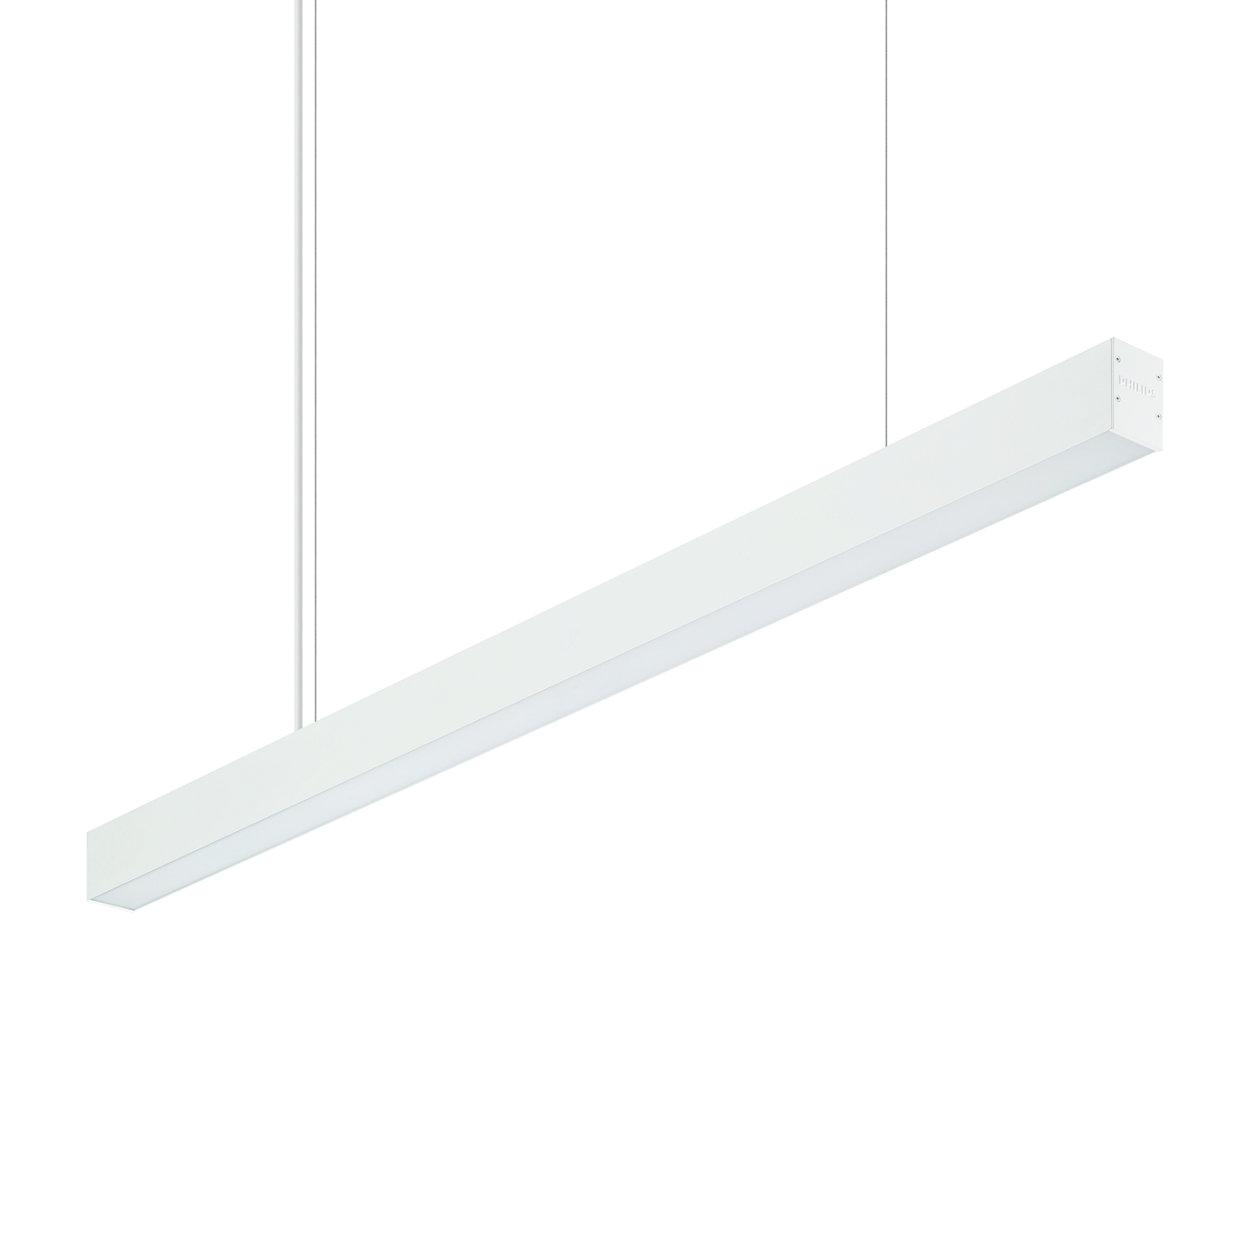 Una solución simple y flexible para el diseño de líneas de luz moderna en espacios profesionales o de negocios